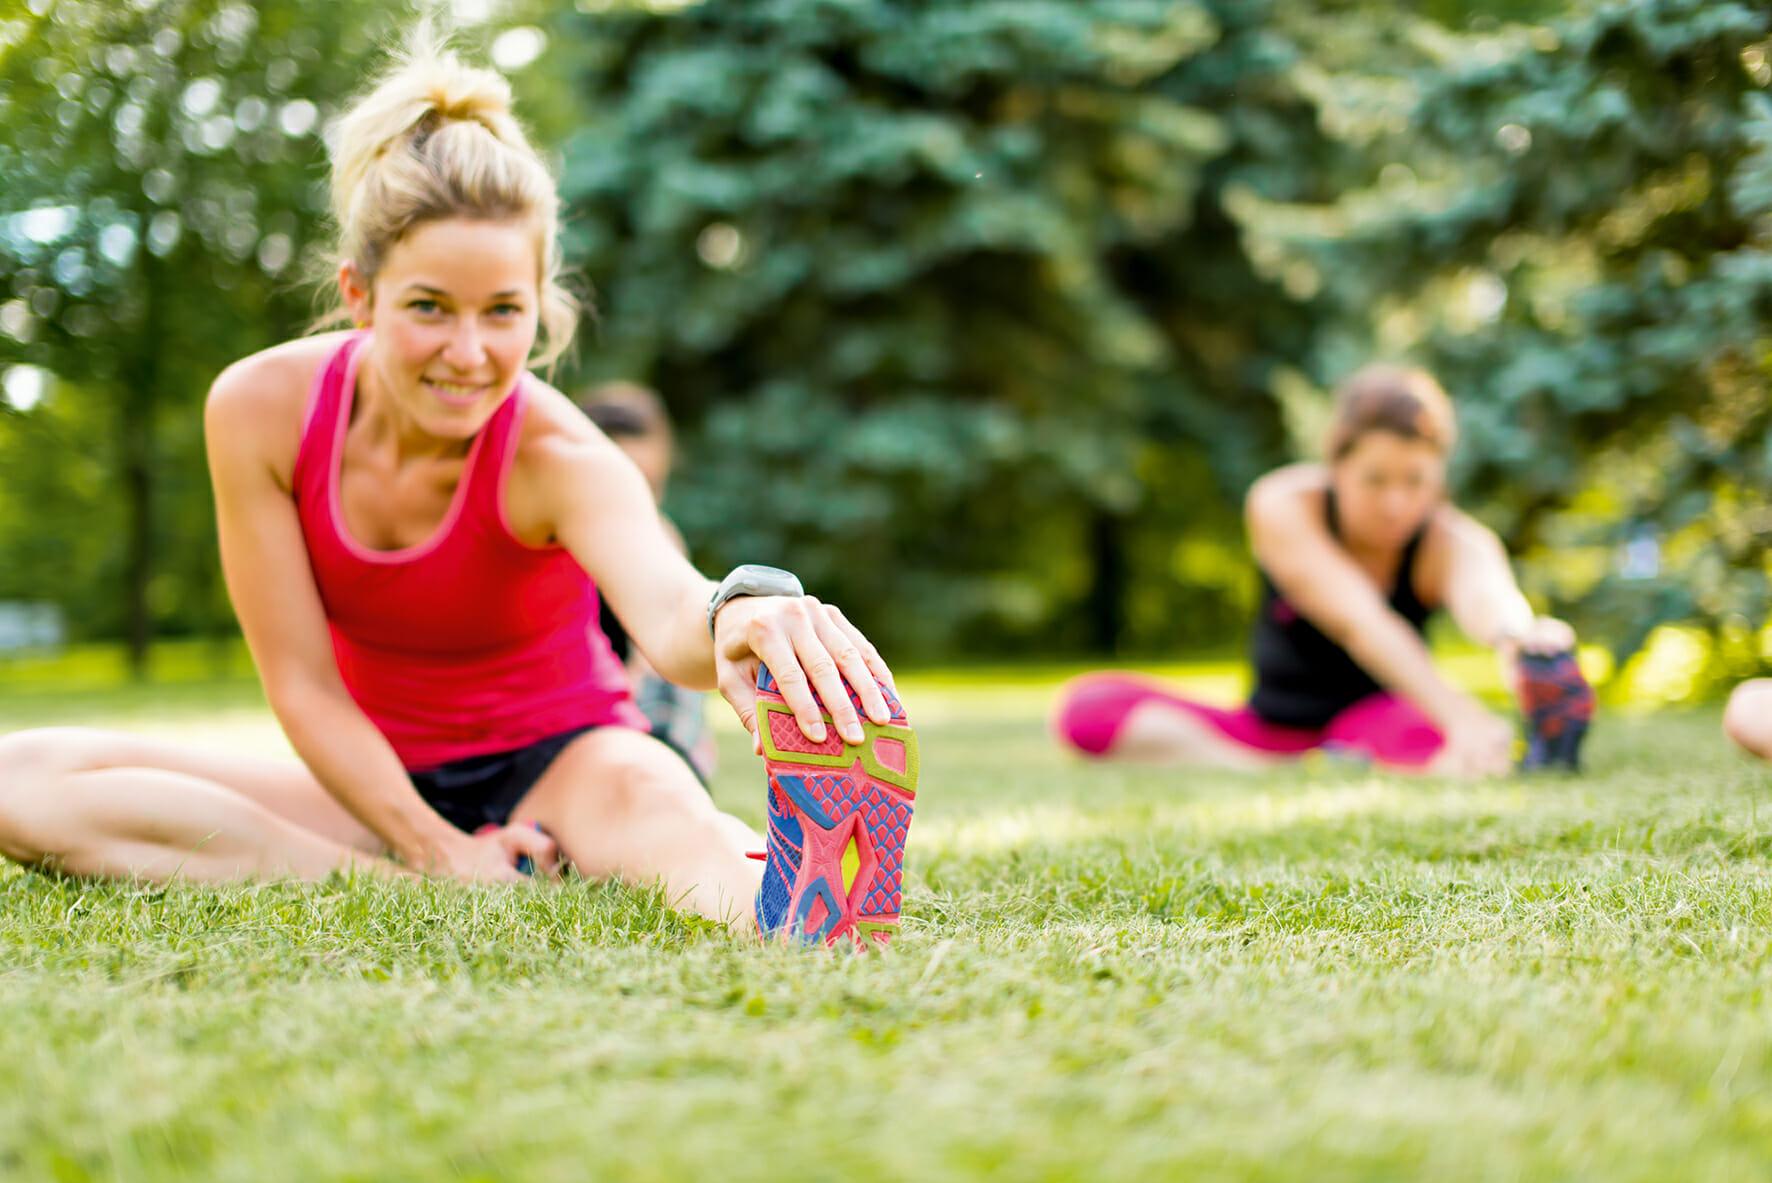 Stretching: pourquoi et comment bien s'étirer?